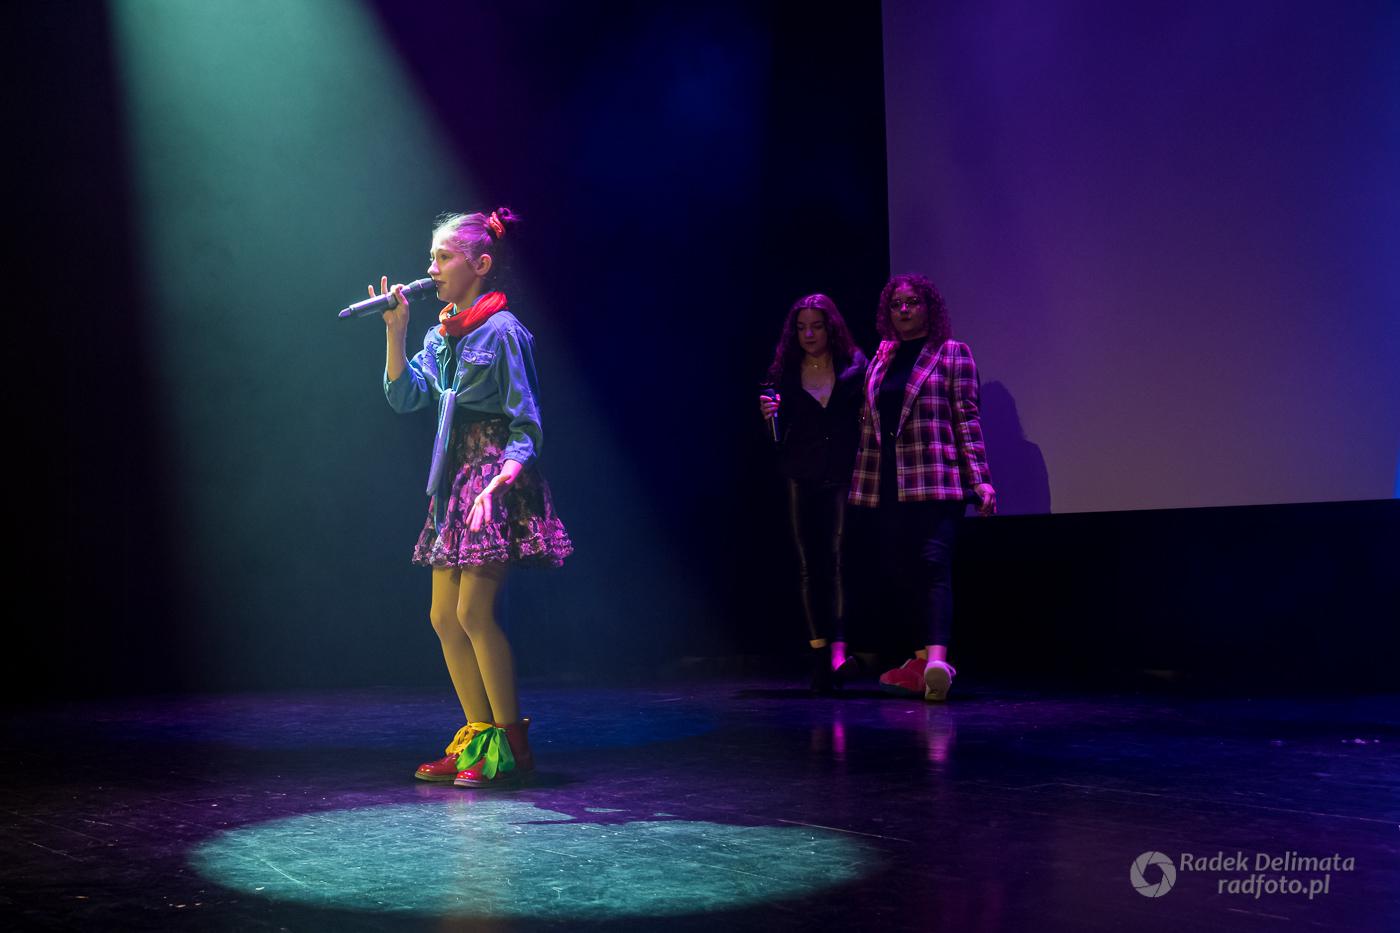 Wokalno-taneczny koncert w Baranowie Sandomierskim